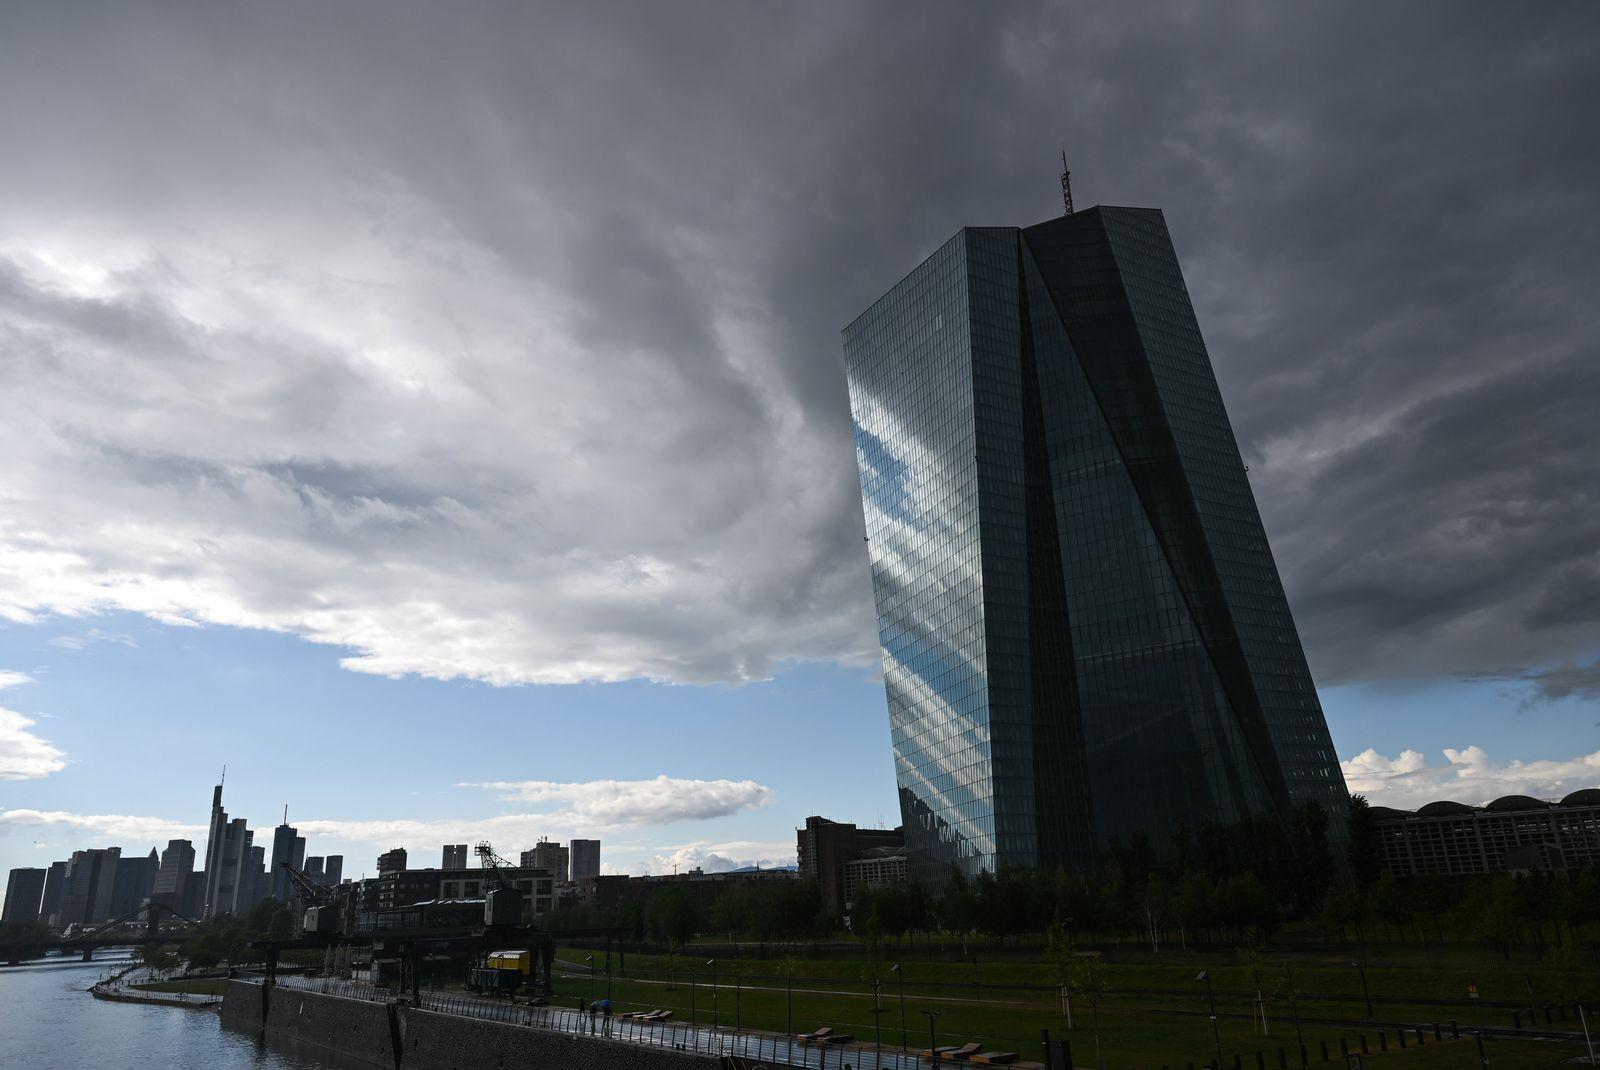 Regenwolken über der Europäischen Zentralbank